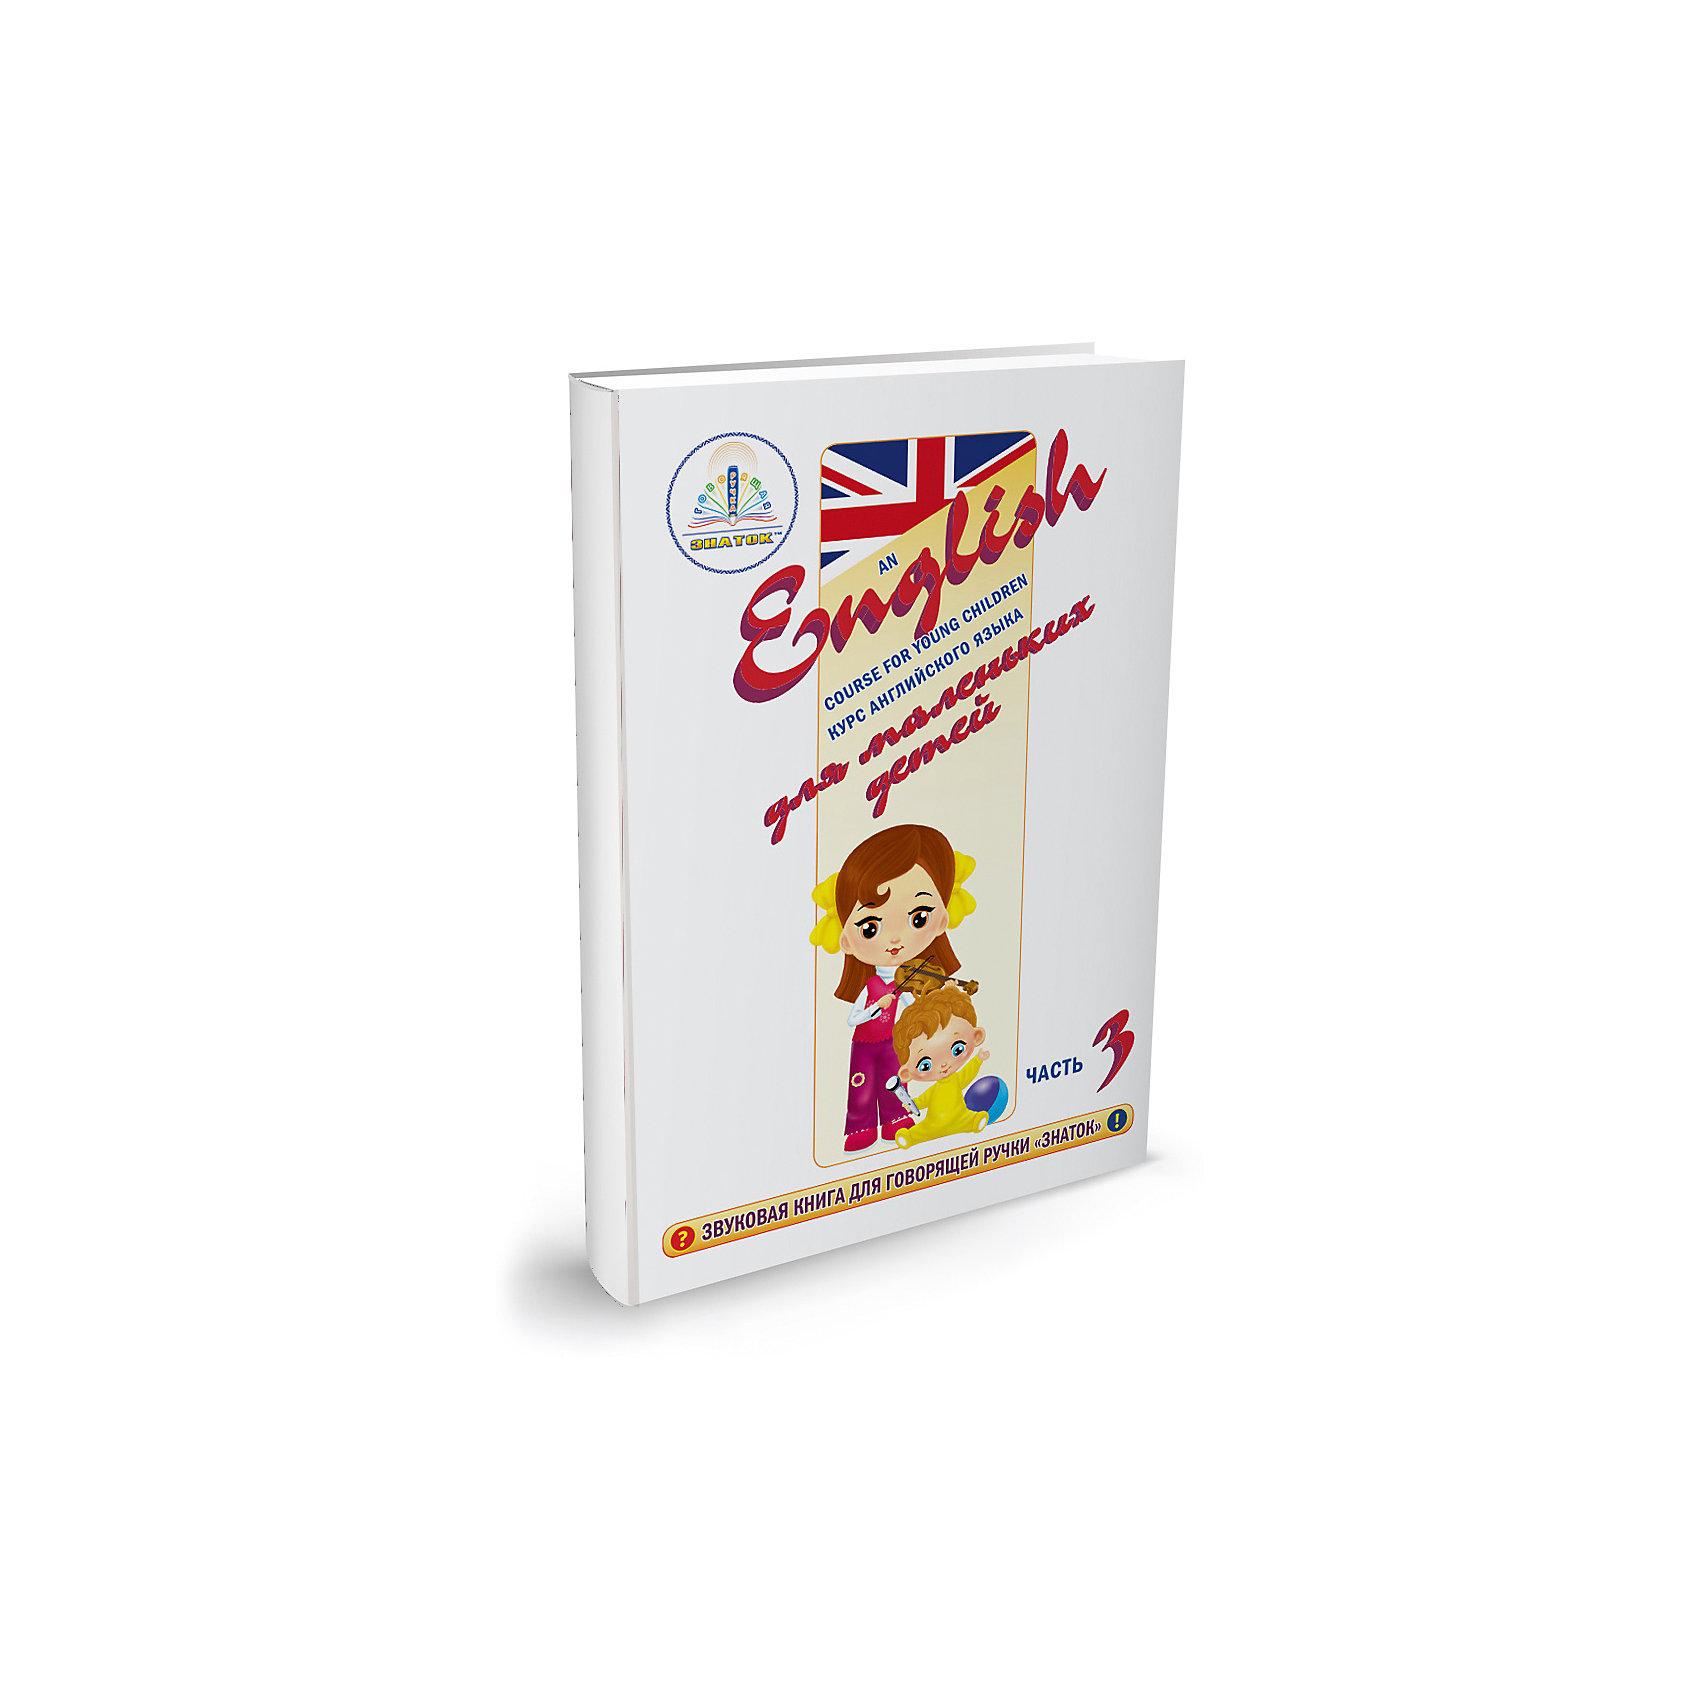 Курс английского языка для маленьких детей, часть 3, ЗнатокОбучающие книги<br>Это набор книг курса английского языка включает в себя третью часть учебника с рабочей тетрадью. С помощью этого набора дети могут быстро научиться общаться на английском языке с настоящим английским произношением на самые распространённые темы. Закрепить полученные навыки помогут многочисленные звуковые вопросы и ответы.<br><br>Ширина мм: 190<br>Глубина мм: 260<br>Высота мм: 130<br>Вес г: 534<br>Возраст от месяцев: 36<br>Возраст до месяцев: 2147483647<br>Пол: Унисекс<br>Возраст: Детский<br>SKU: 5596033